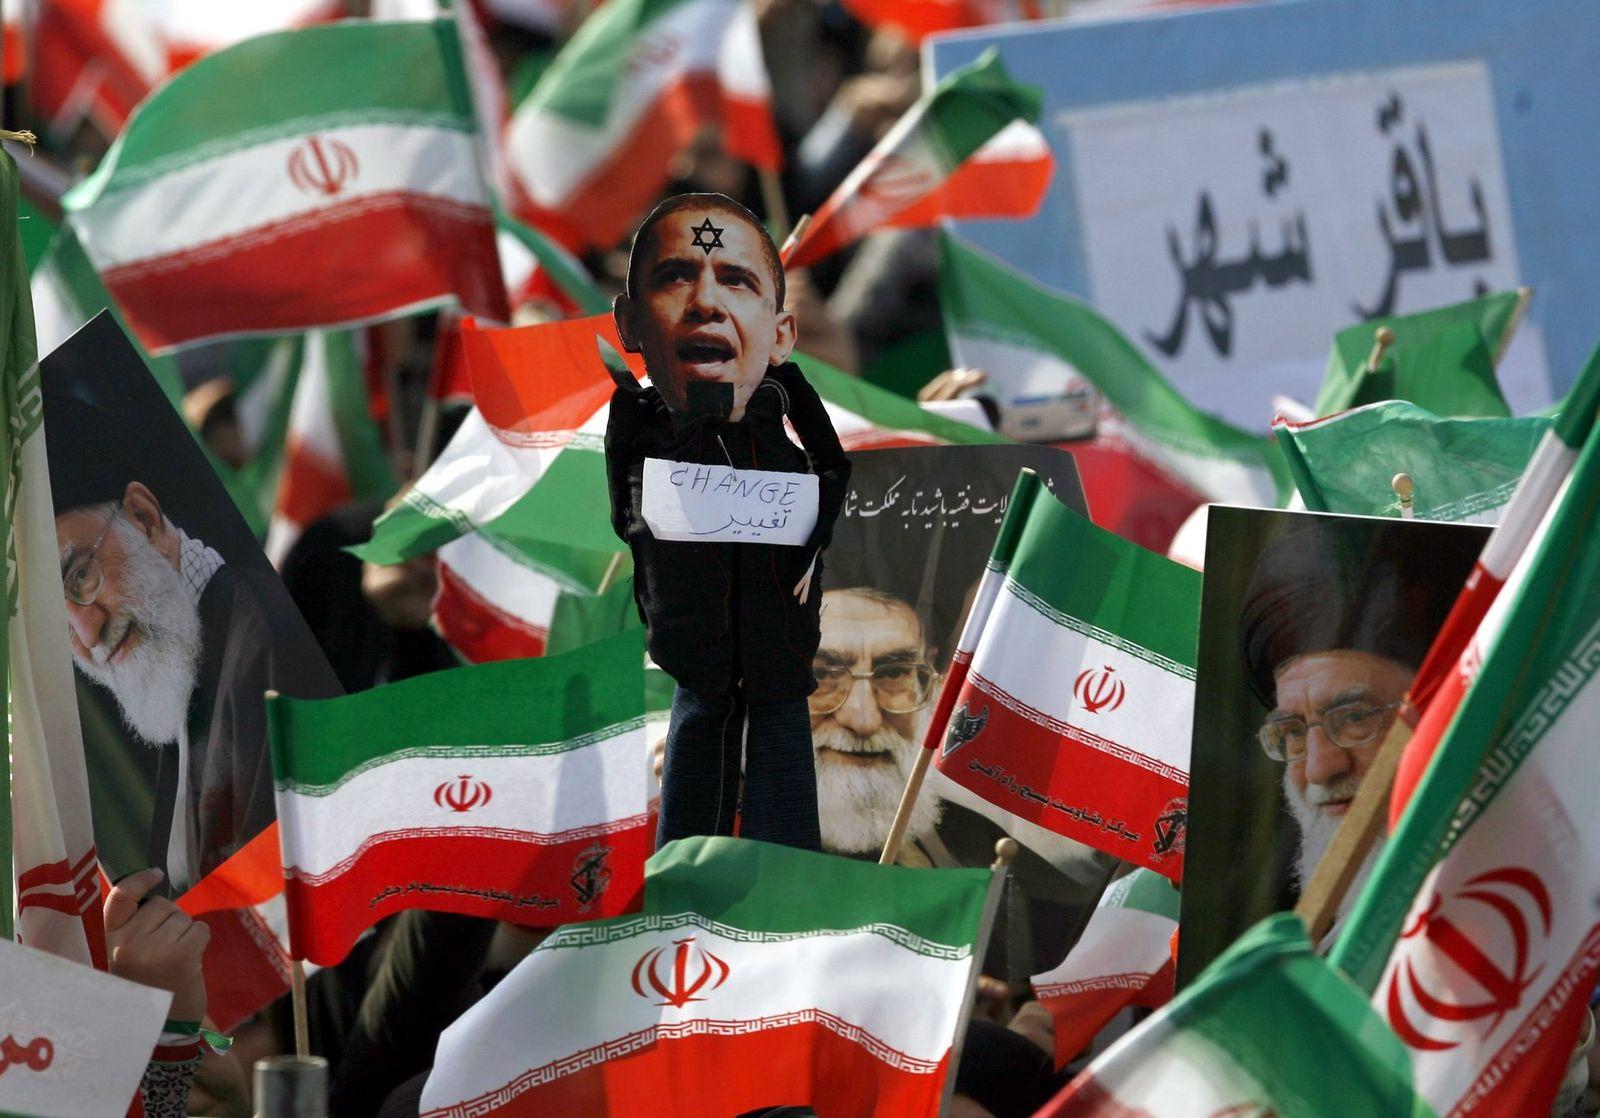 Feiern zum 31. Jahrestag der Islamischen Revolution